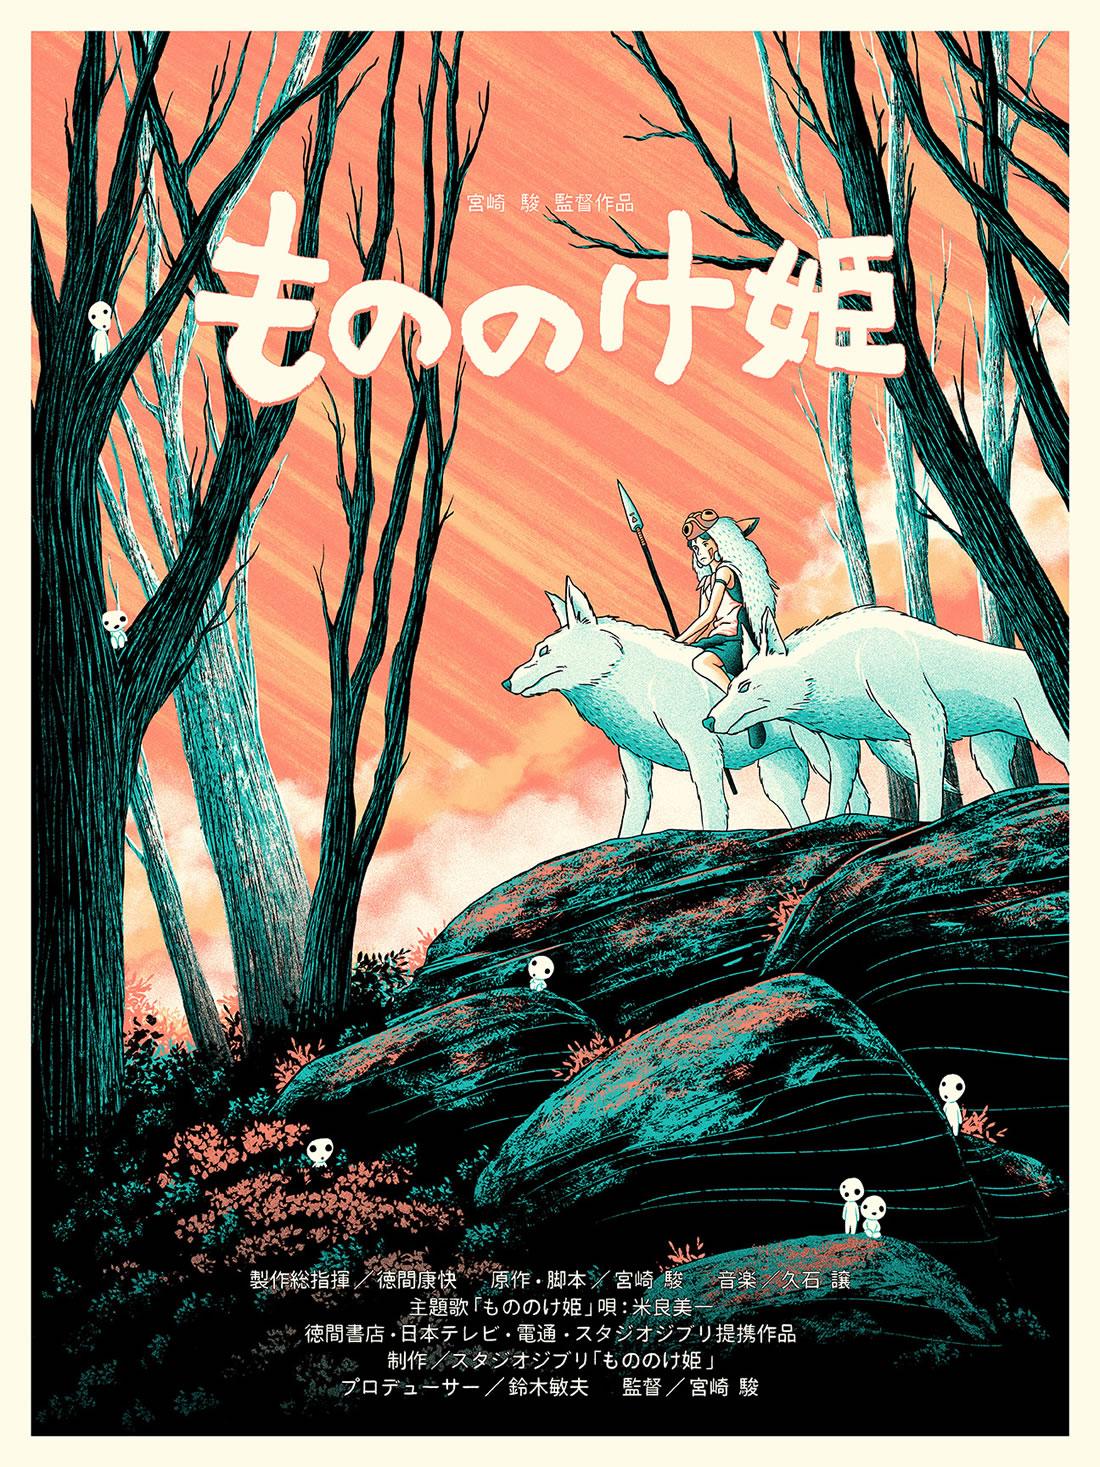 Exposition en hommage à Miyazaki. 50 artistes regroupés pour votre inspiration 3